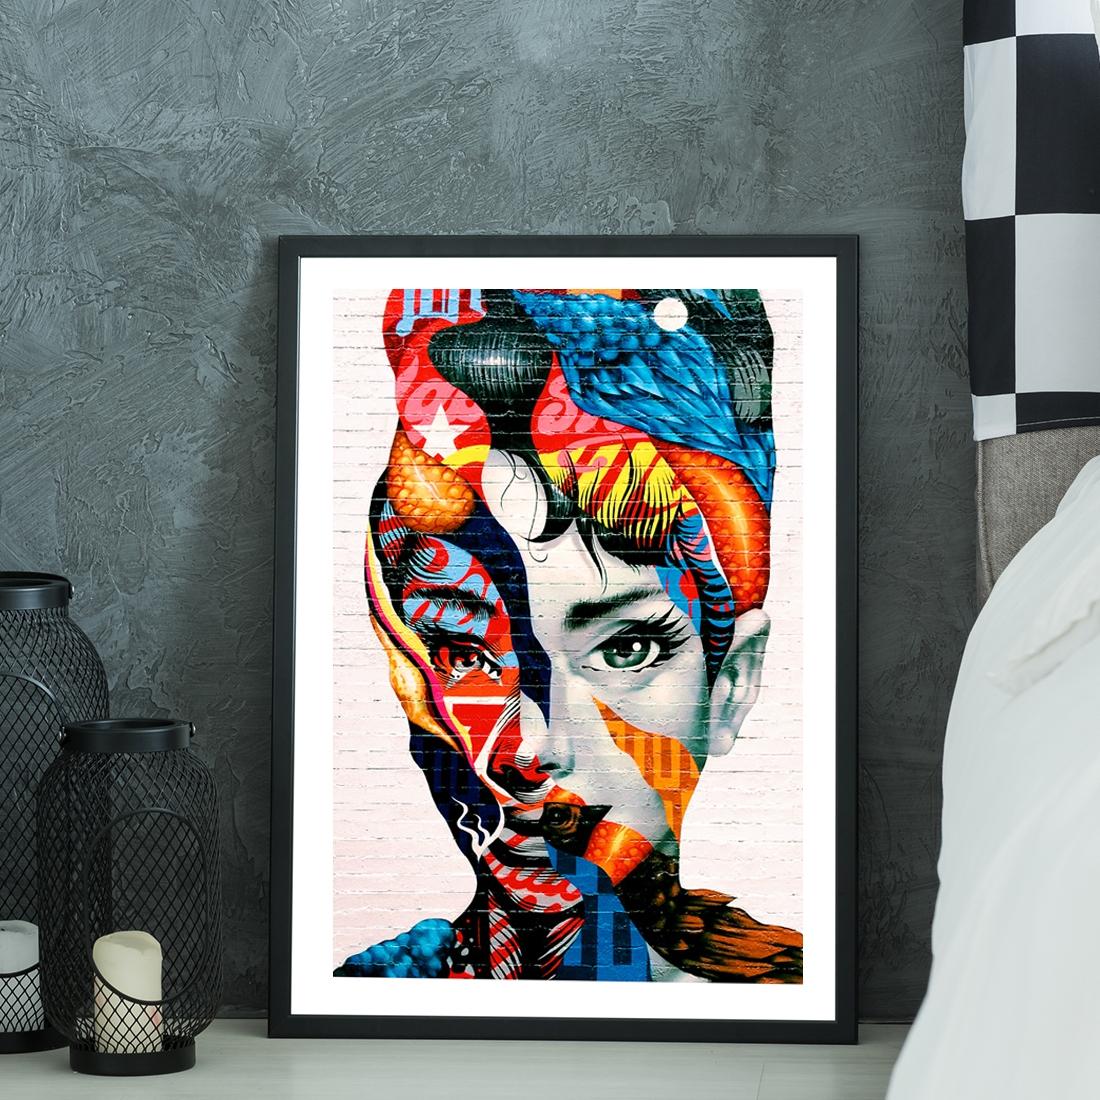 Plakat Graffiti Audrey Hepburn